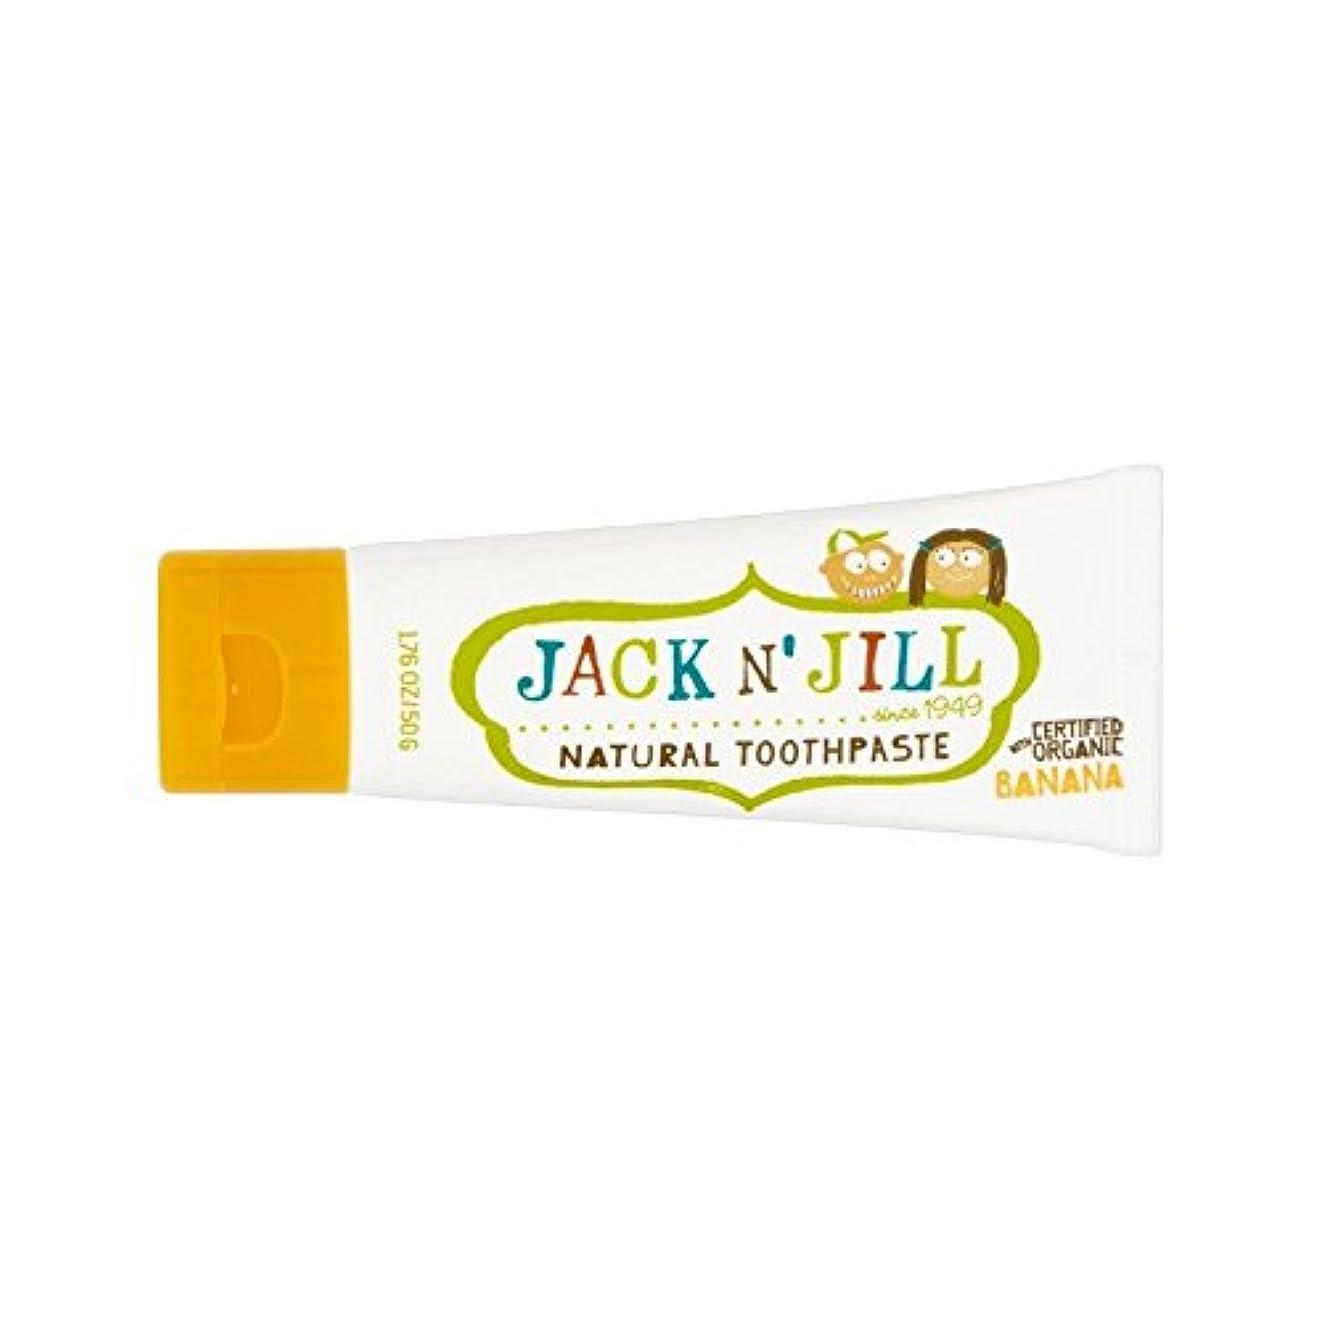 シャーロックホームズ正規化気体の有機香味50グラムと自然バナナ歯磨き粉 (Jack N Jill) (x 2) - Jack N' Jill Banana Toothpaste Natural with Organic Flavouring 50g (Pack of 2) [並行輸入品]